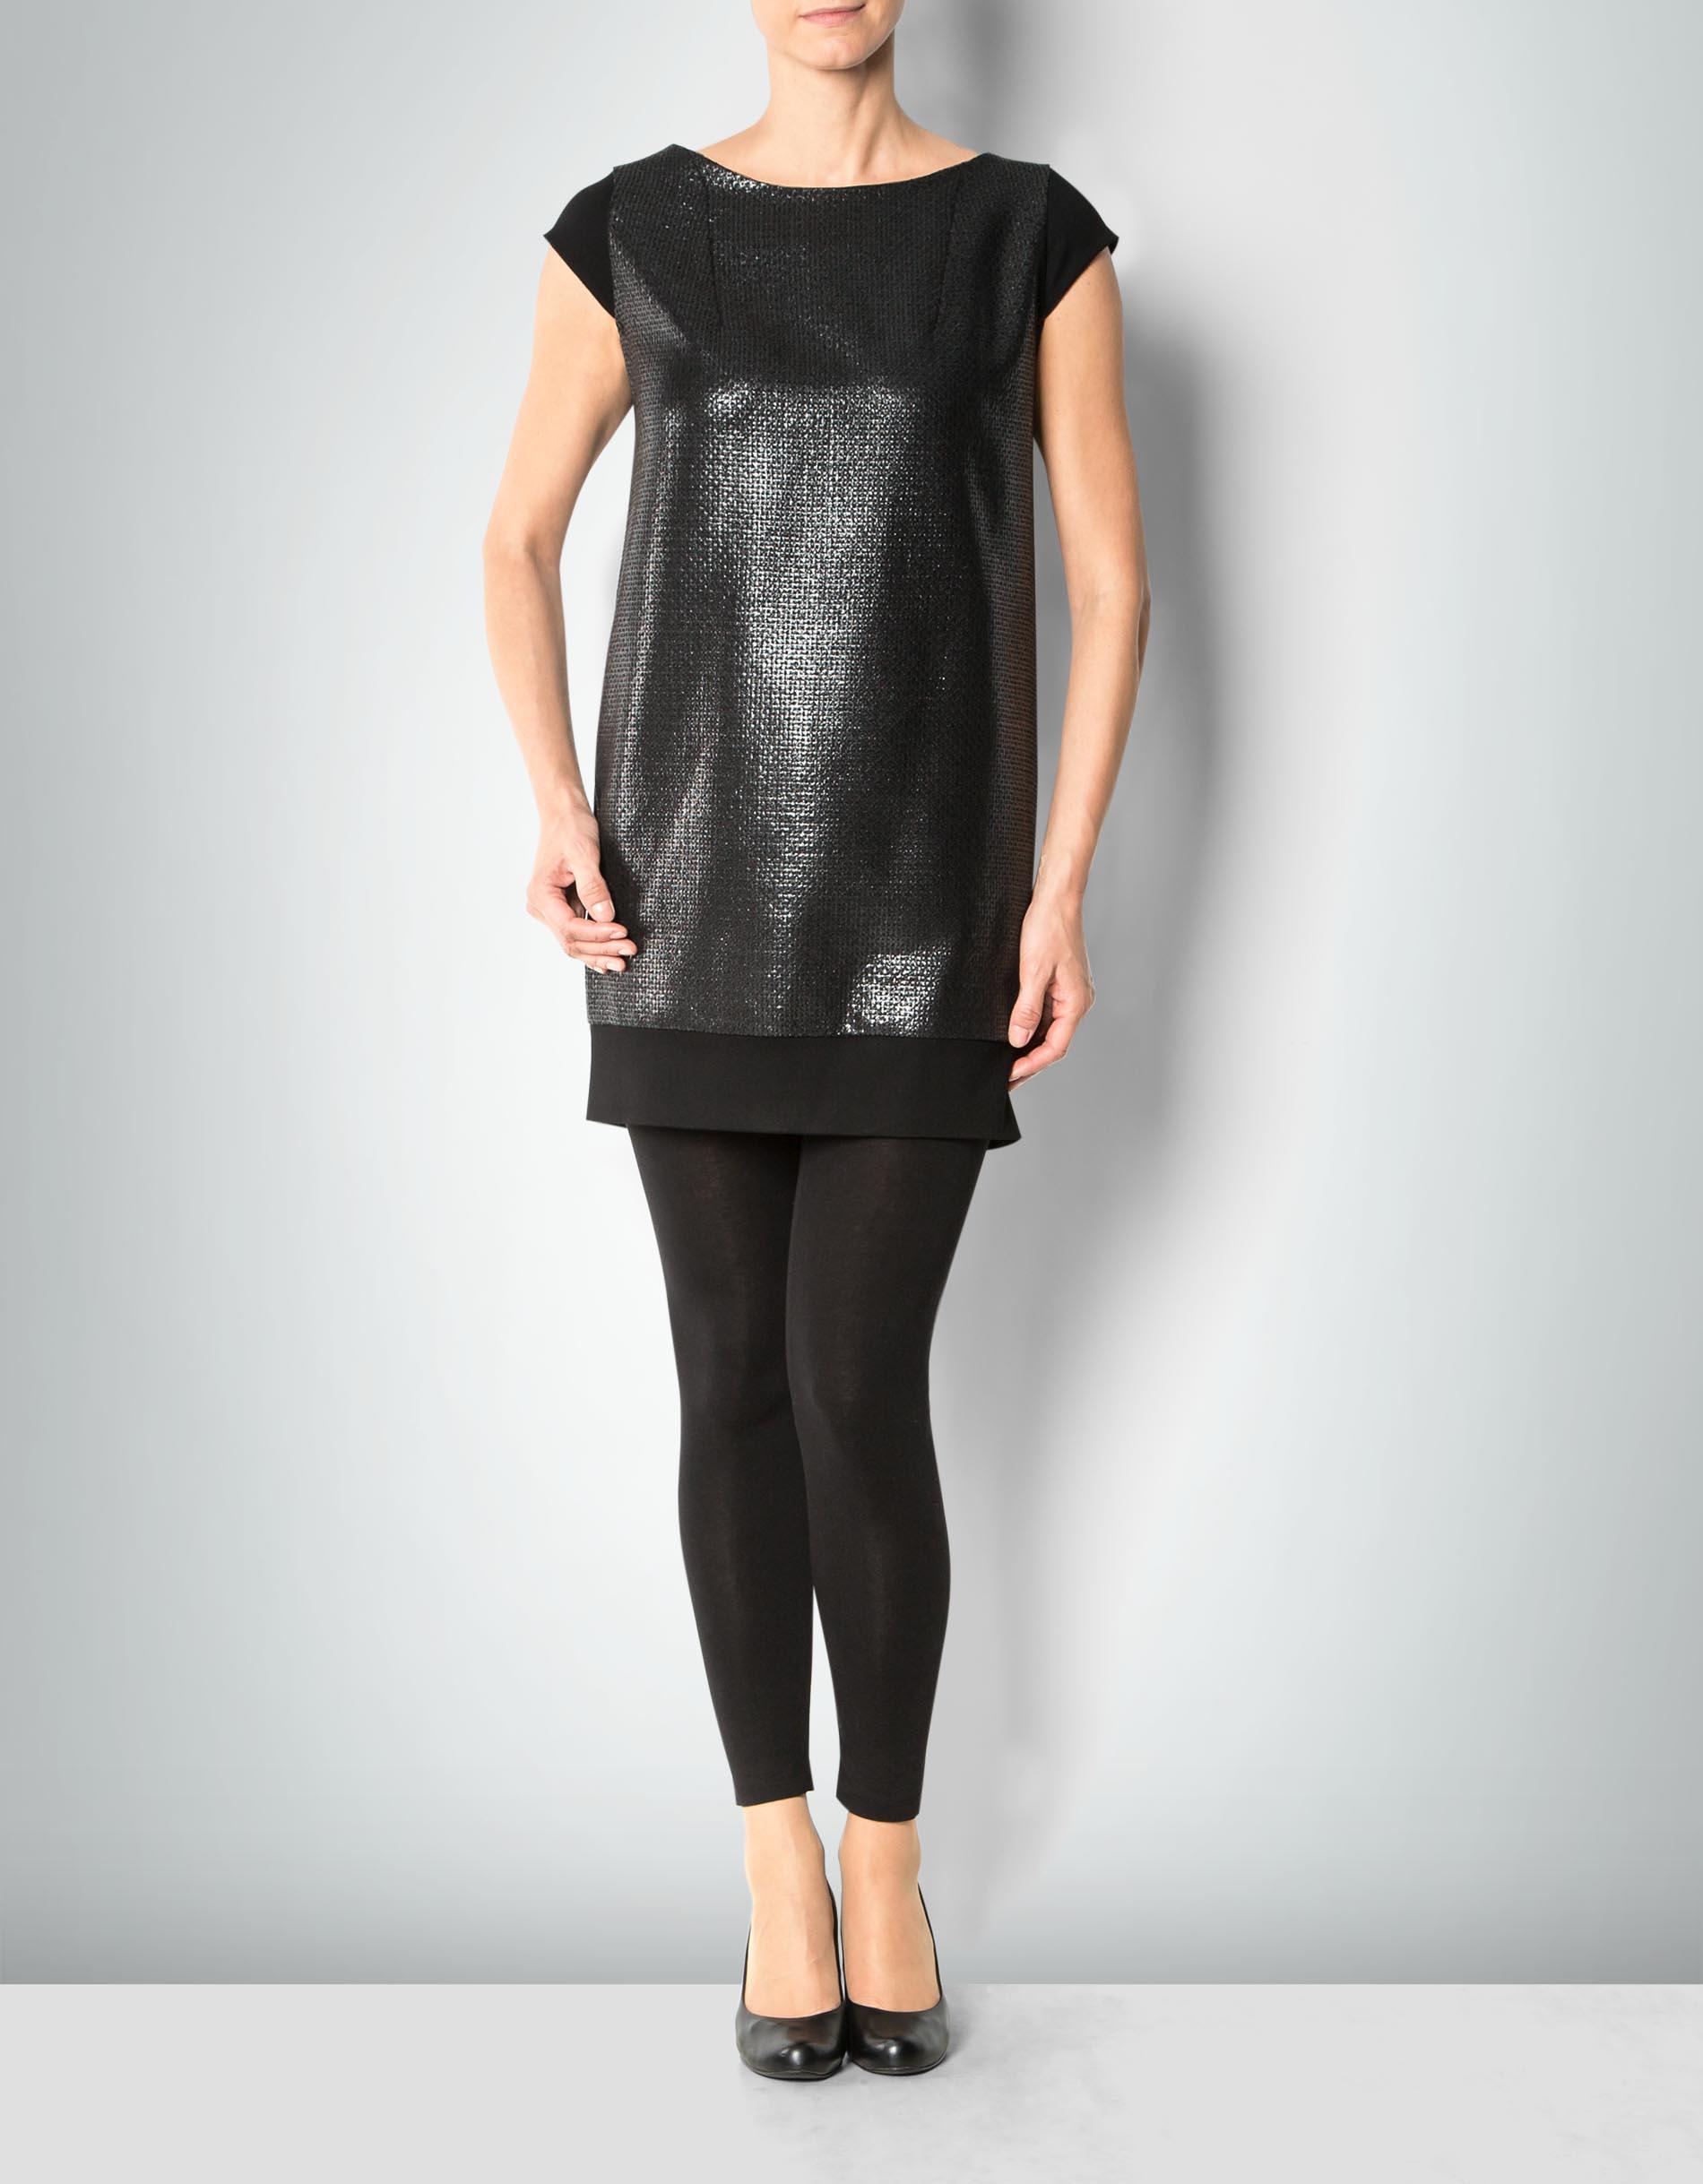 liu jo damen kleid mit metallic effekt empfohlen von. Black Bedroom Furniture Sets. Home Design Ideas